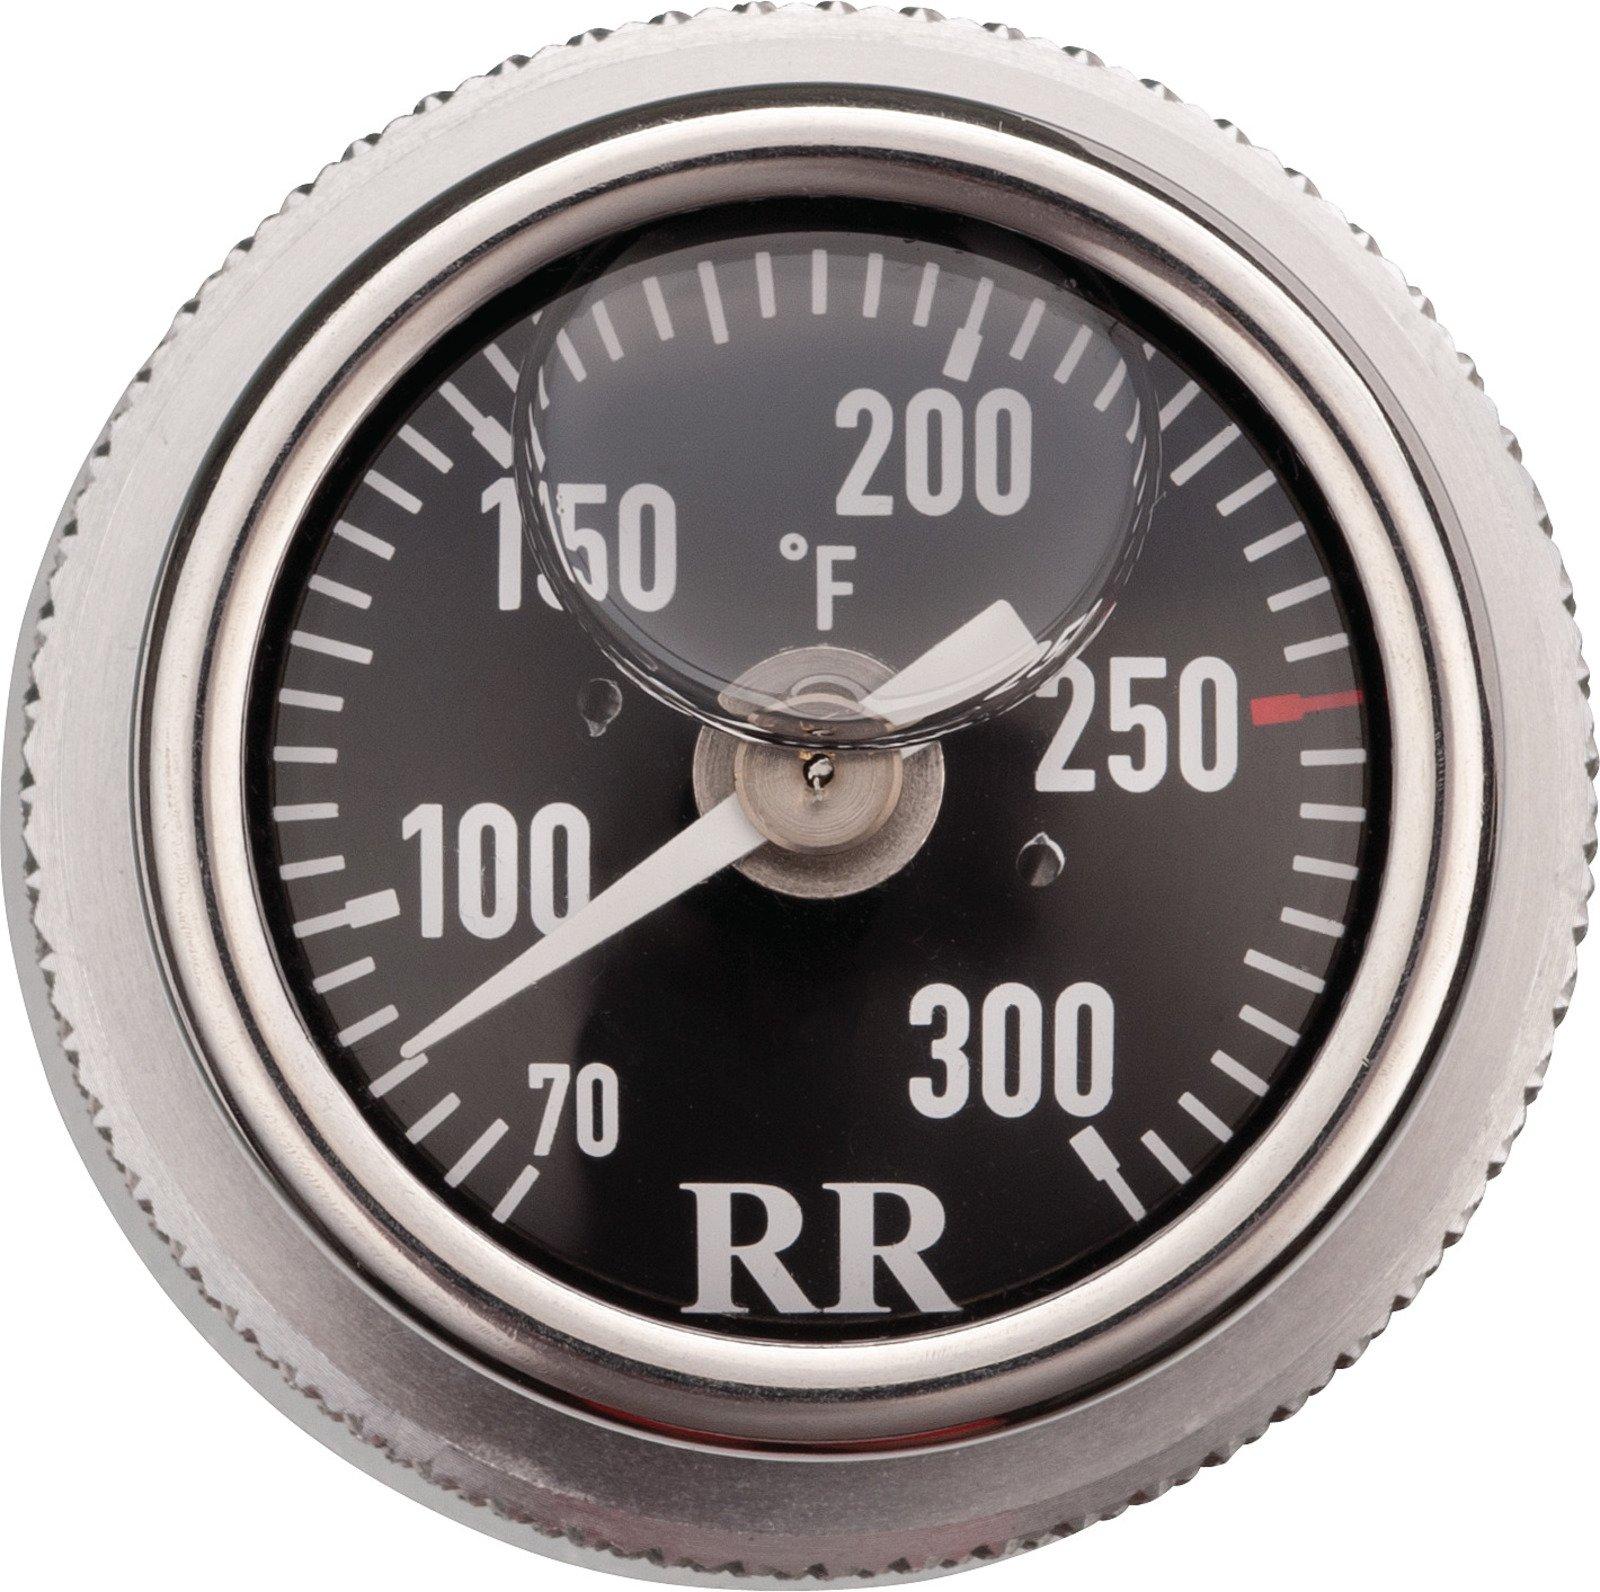 Oil Dipstick Thermometer Gauge for Yamaha SR400, SR500, TT500, XT500, Fahrenheit, Black Face, 99-081